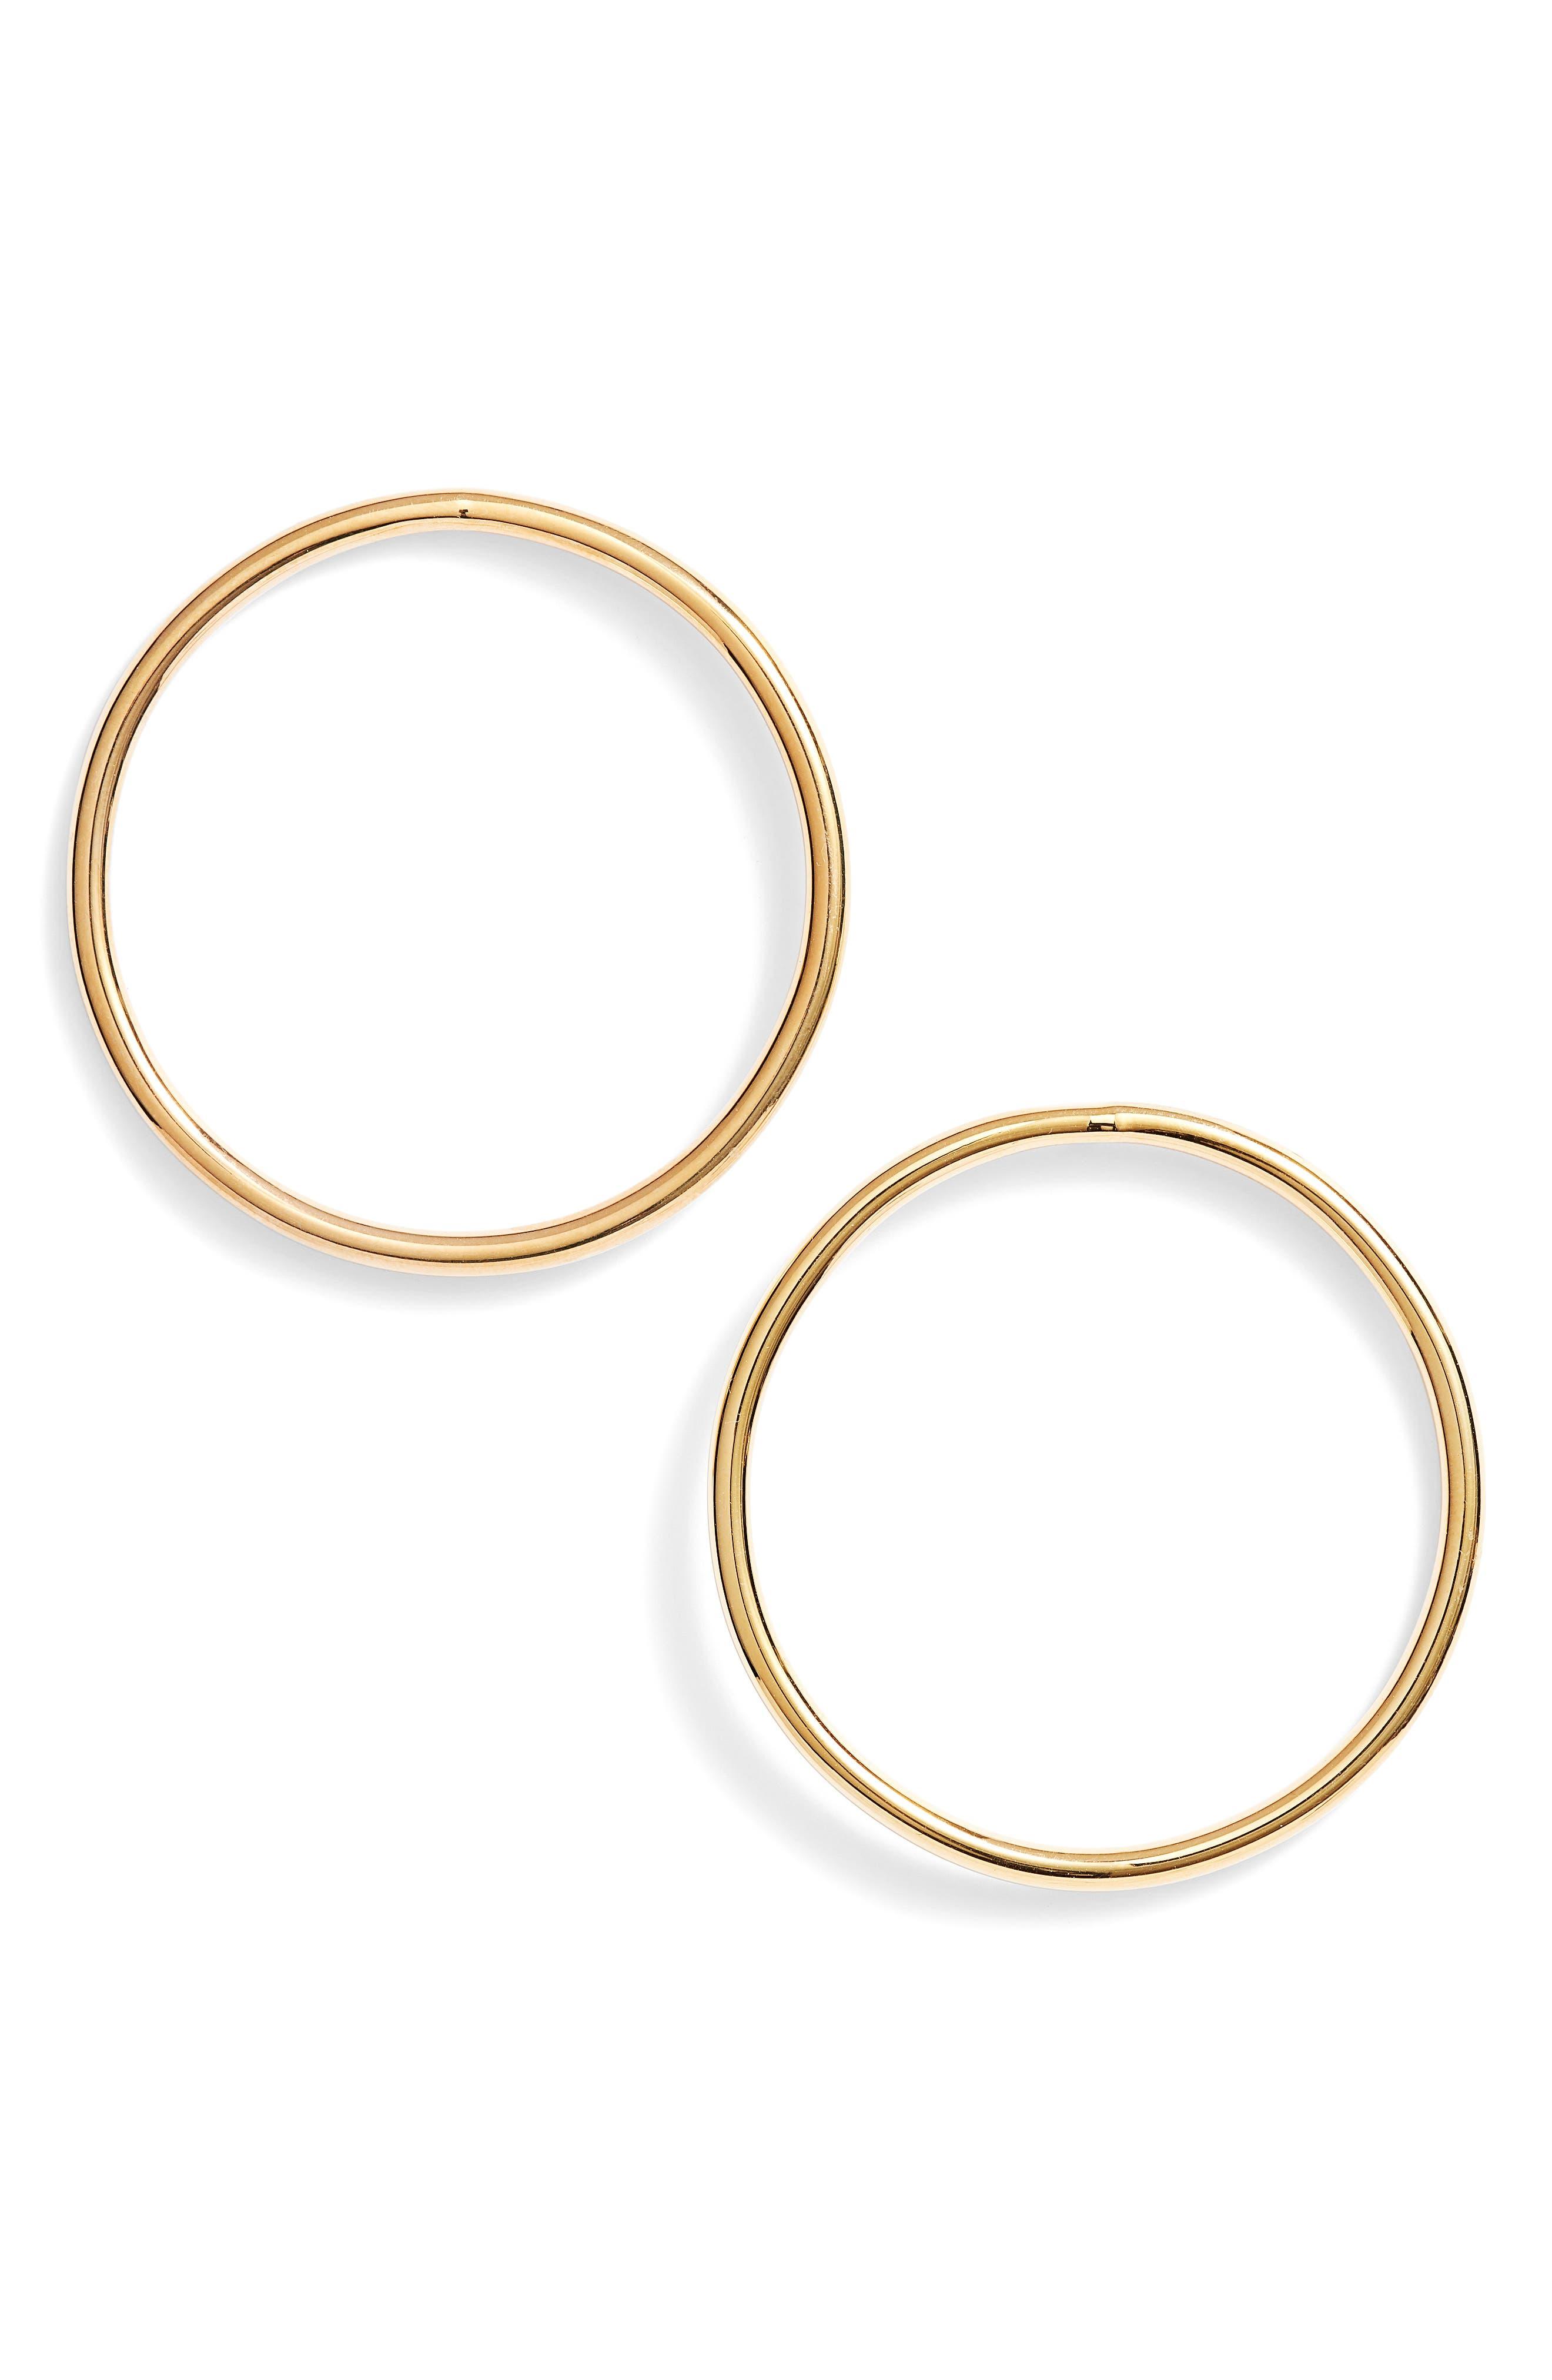 Vince Camuto Frontal Hoop Earrings